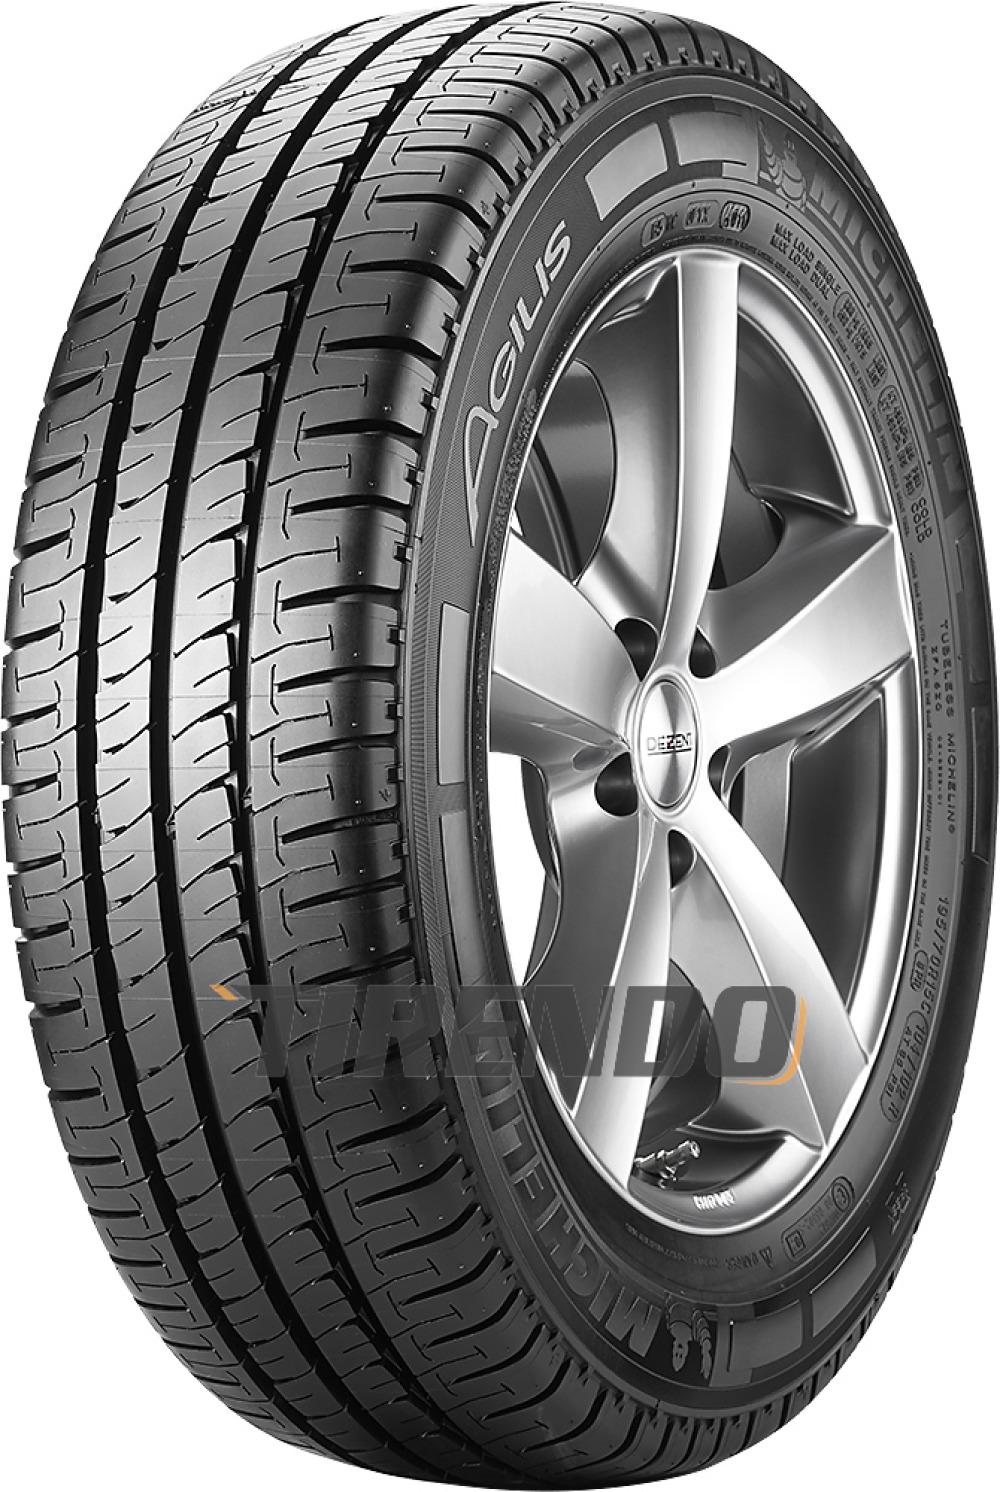 Michelin Agilis ( 185 R14C 102/100R )